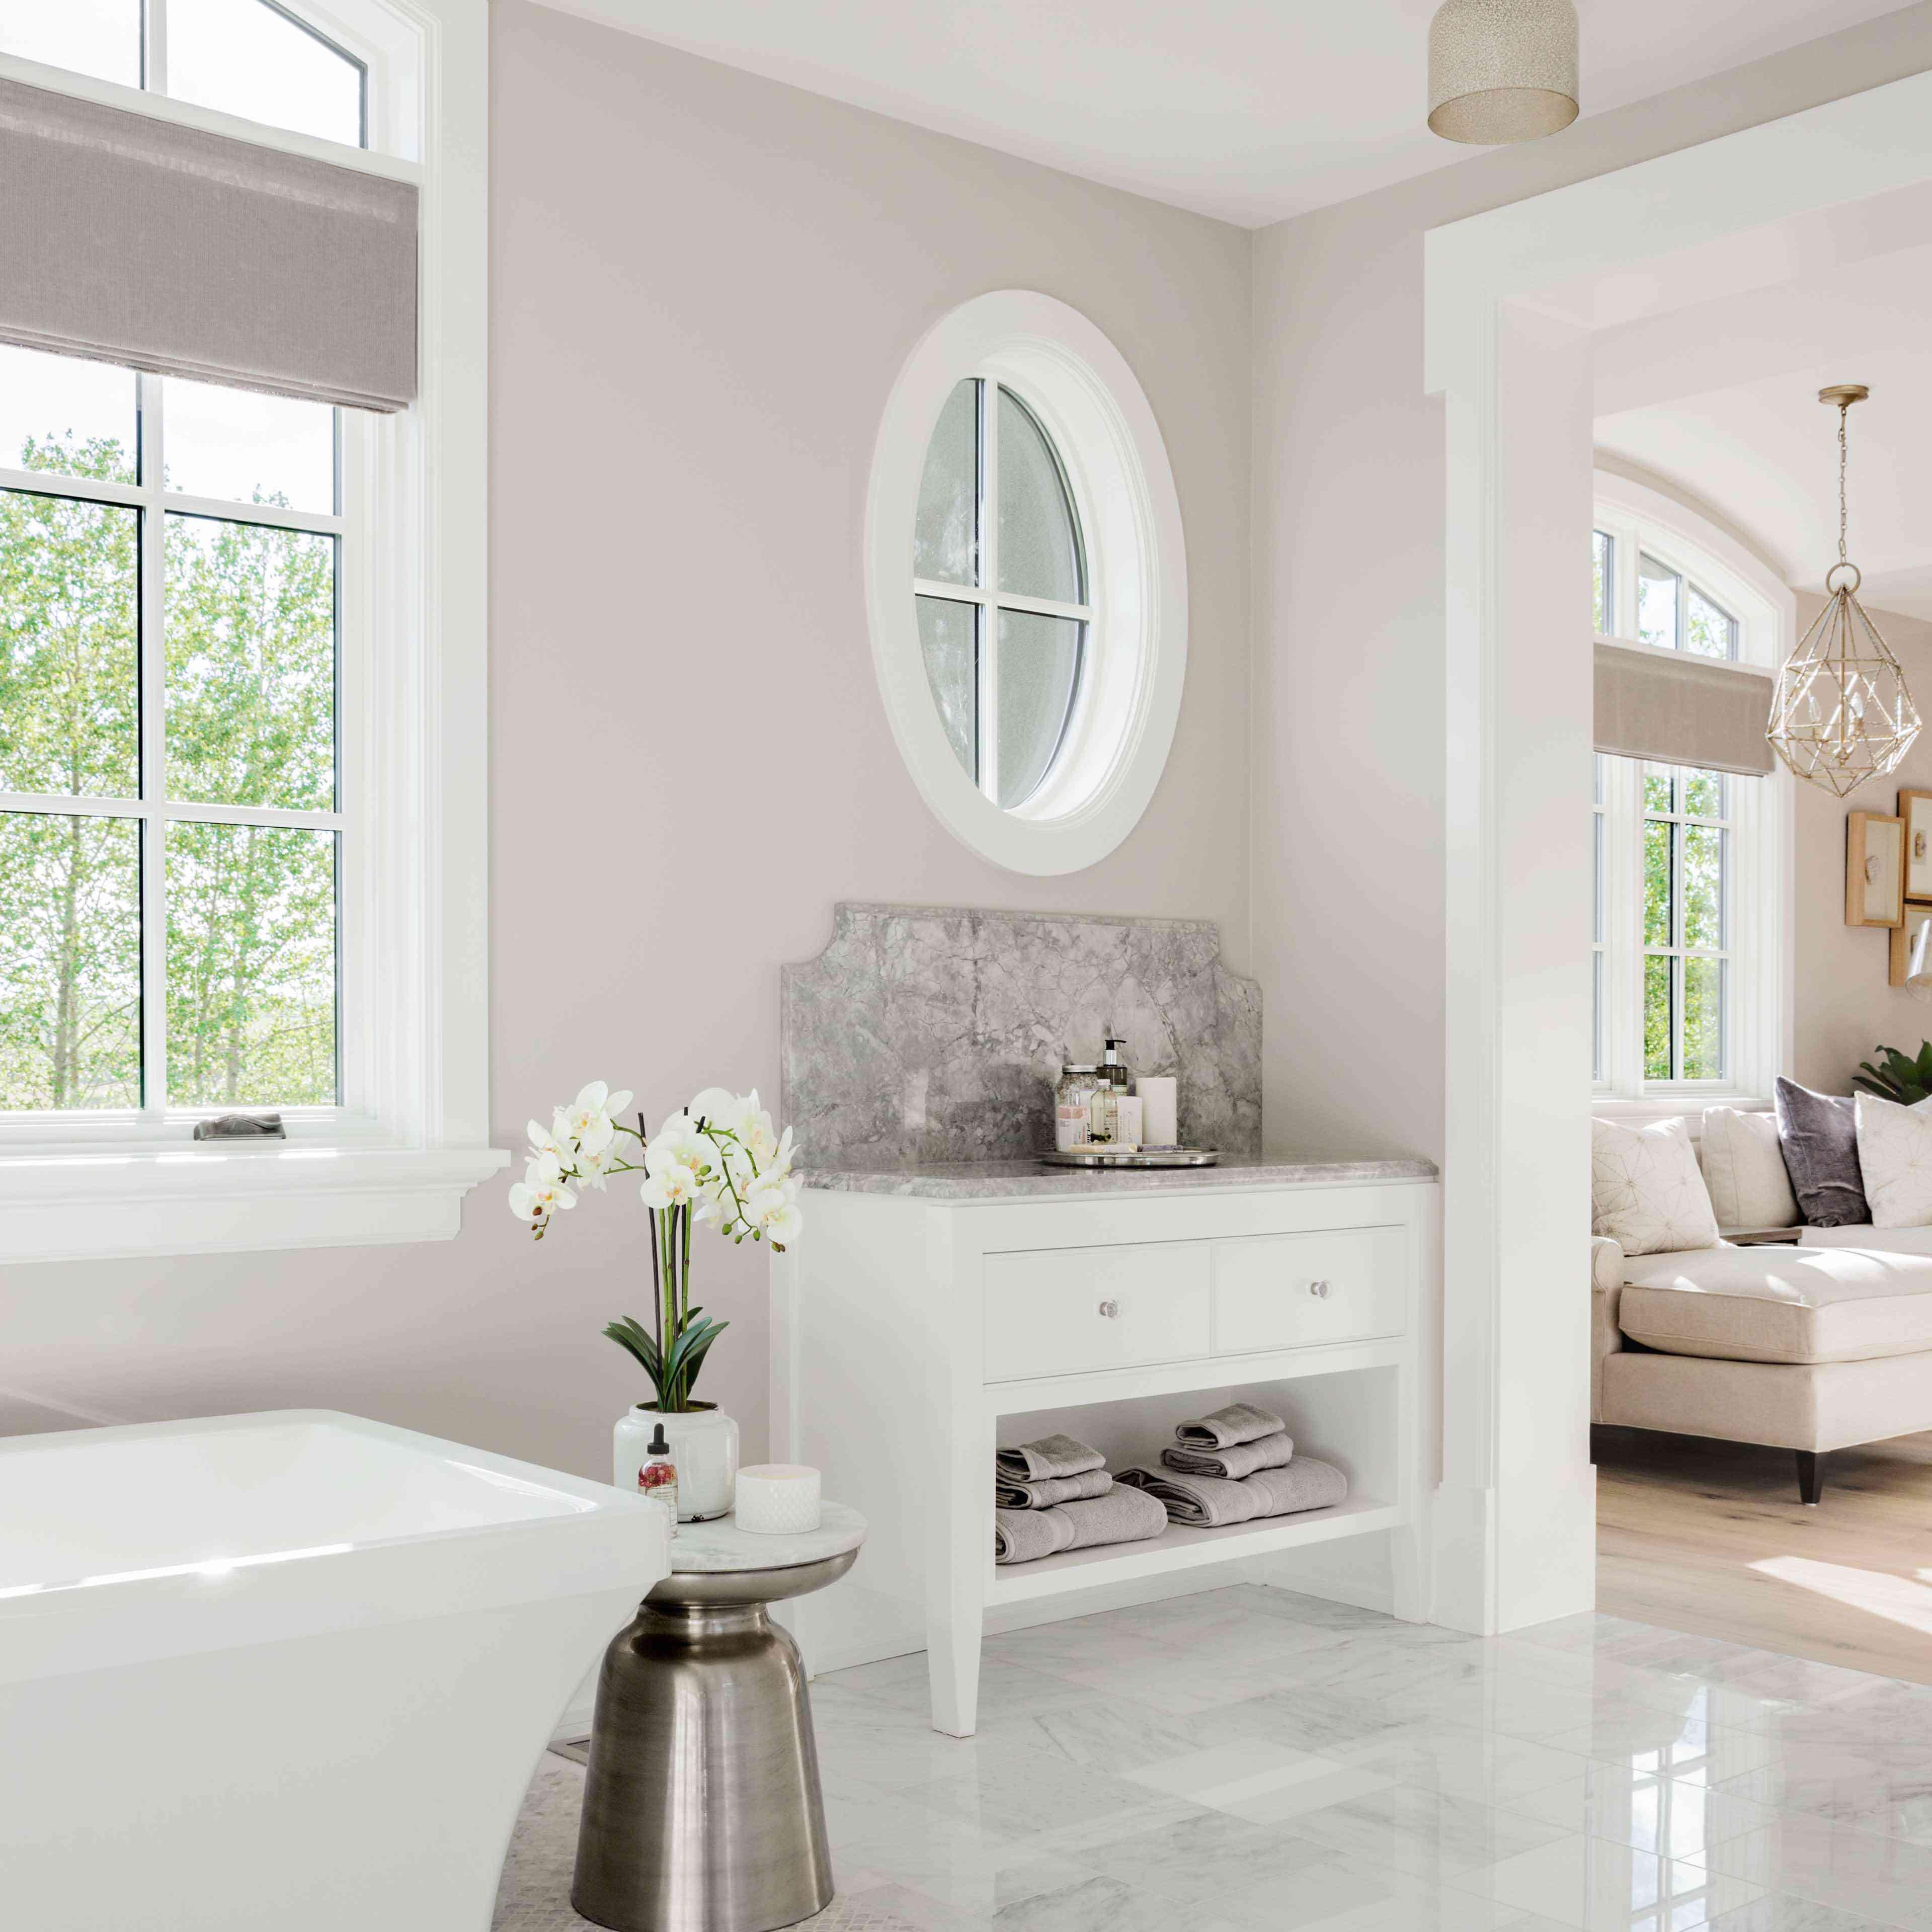 Spacious bathroom features marble vanity backsplash, high ceiling